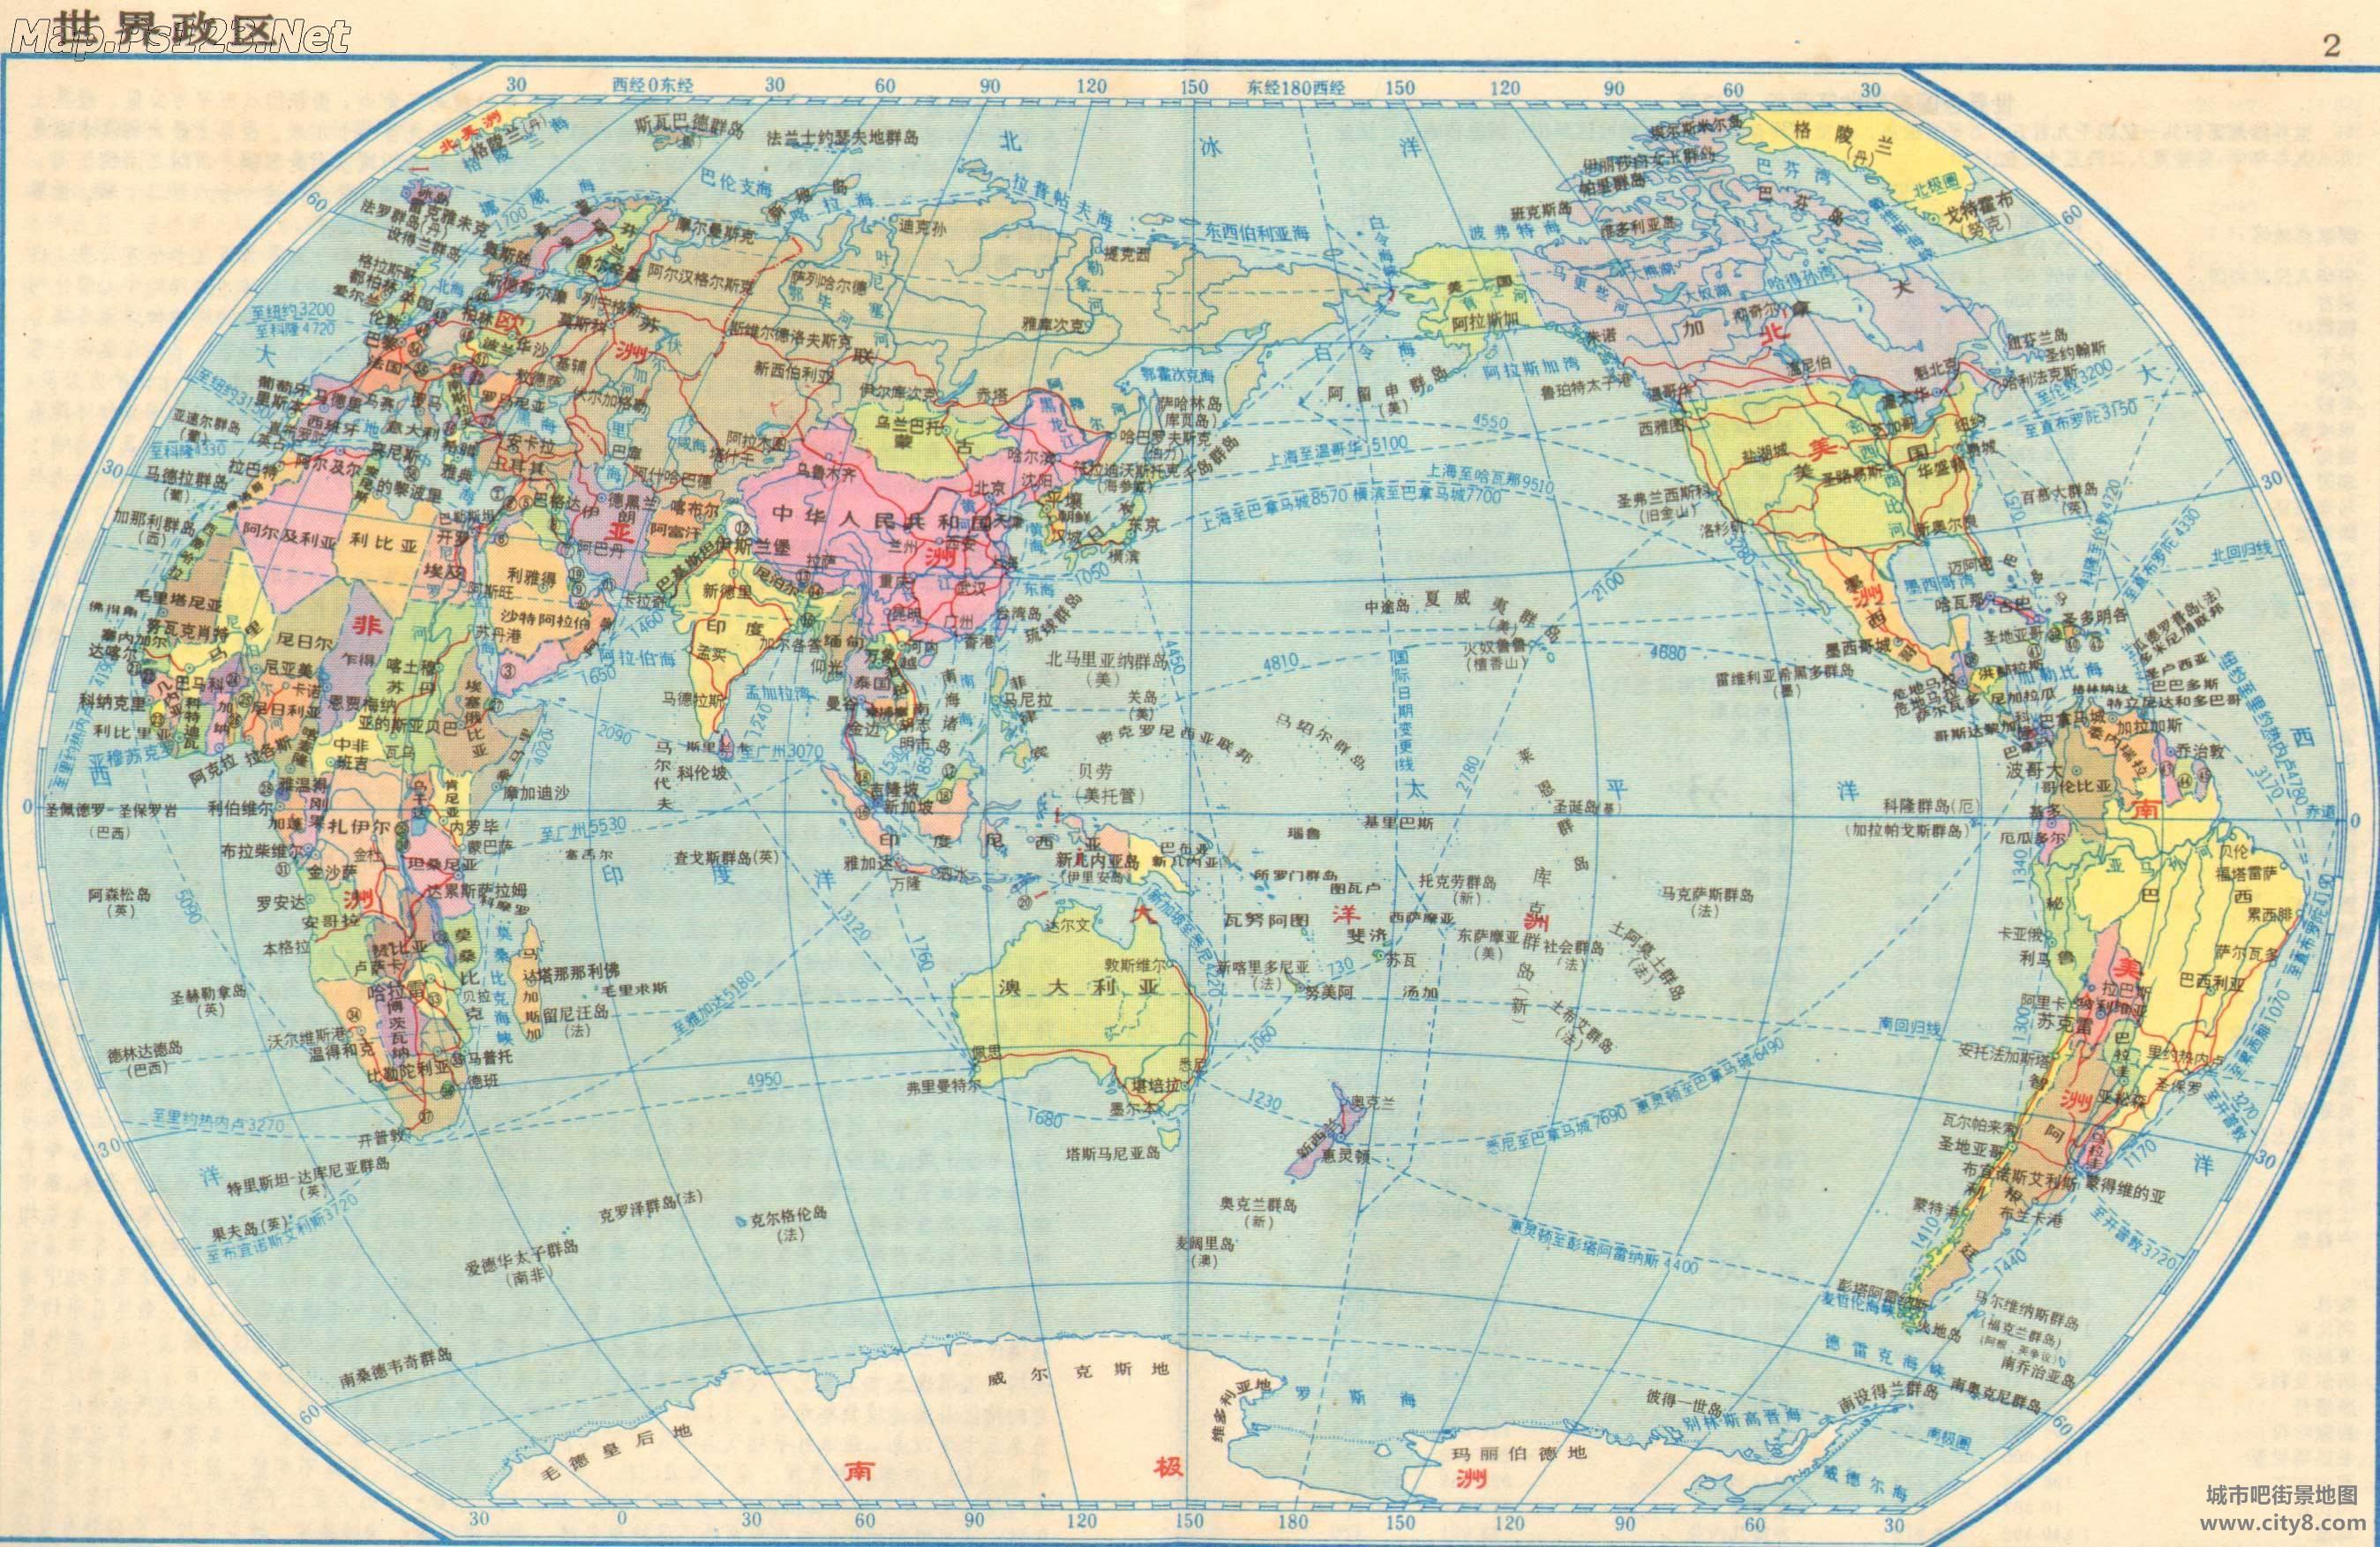 世界地图高清全图.jpg